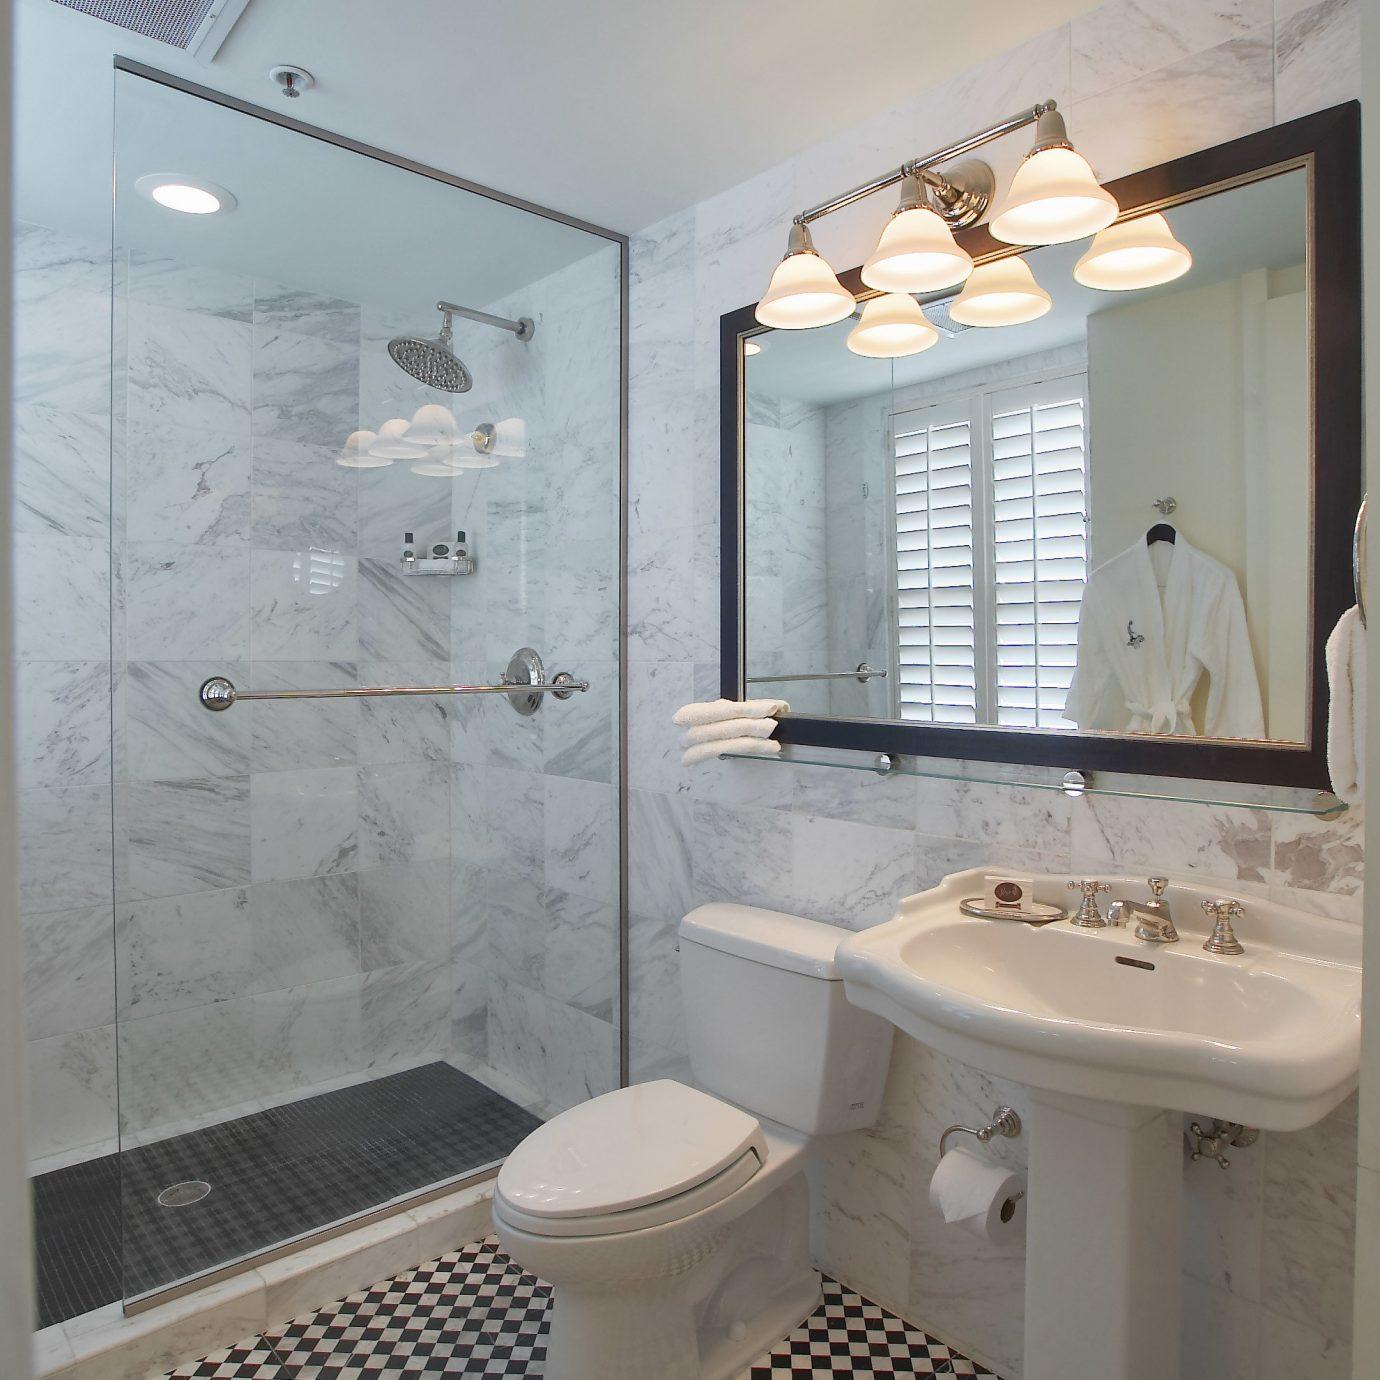 bathroom property toilet sink plumbing fixture flooring tile tiled